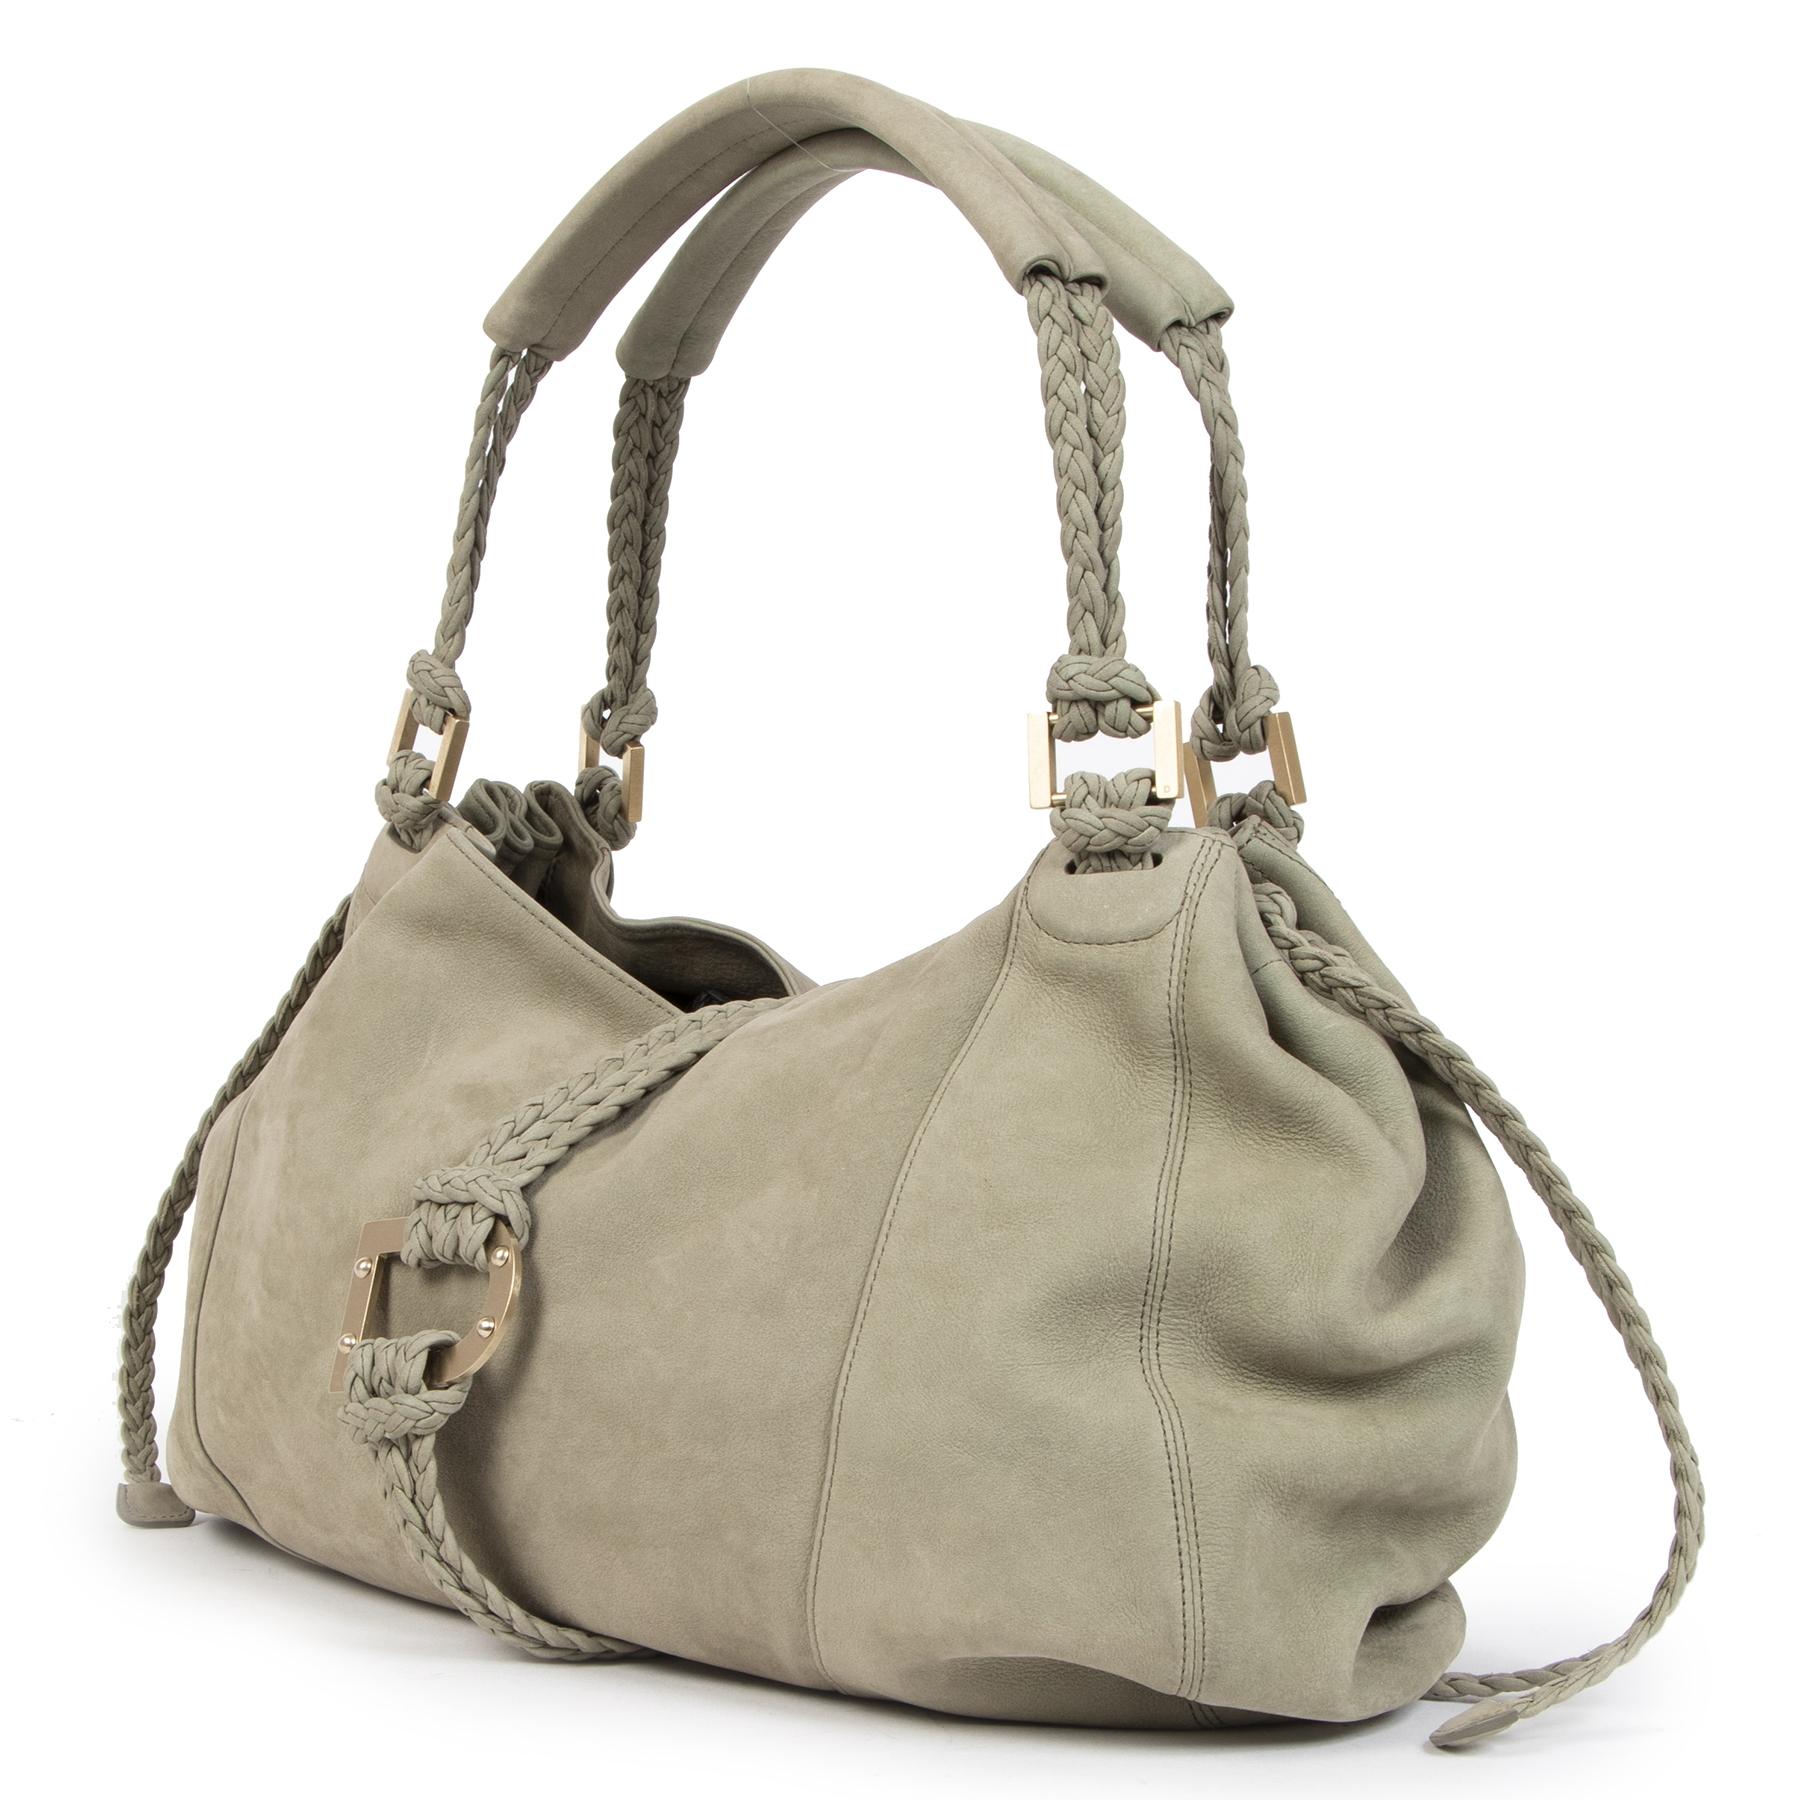 Authentieke Tweedehands Delvaux Suede Mint Green Colette Bag juiste prijs veilig online shoppen luxe merken webshop winkelen Antwerpen België mode fashion